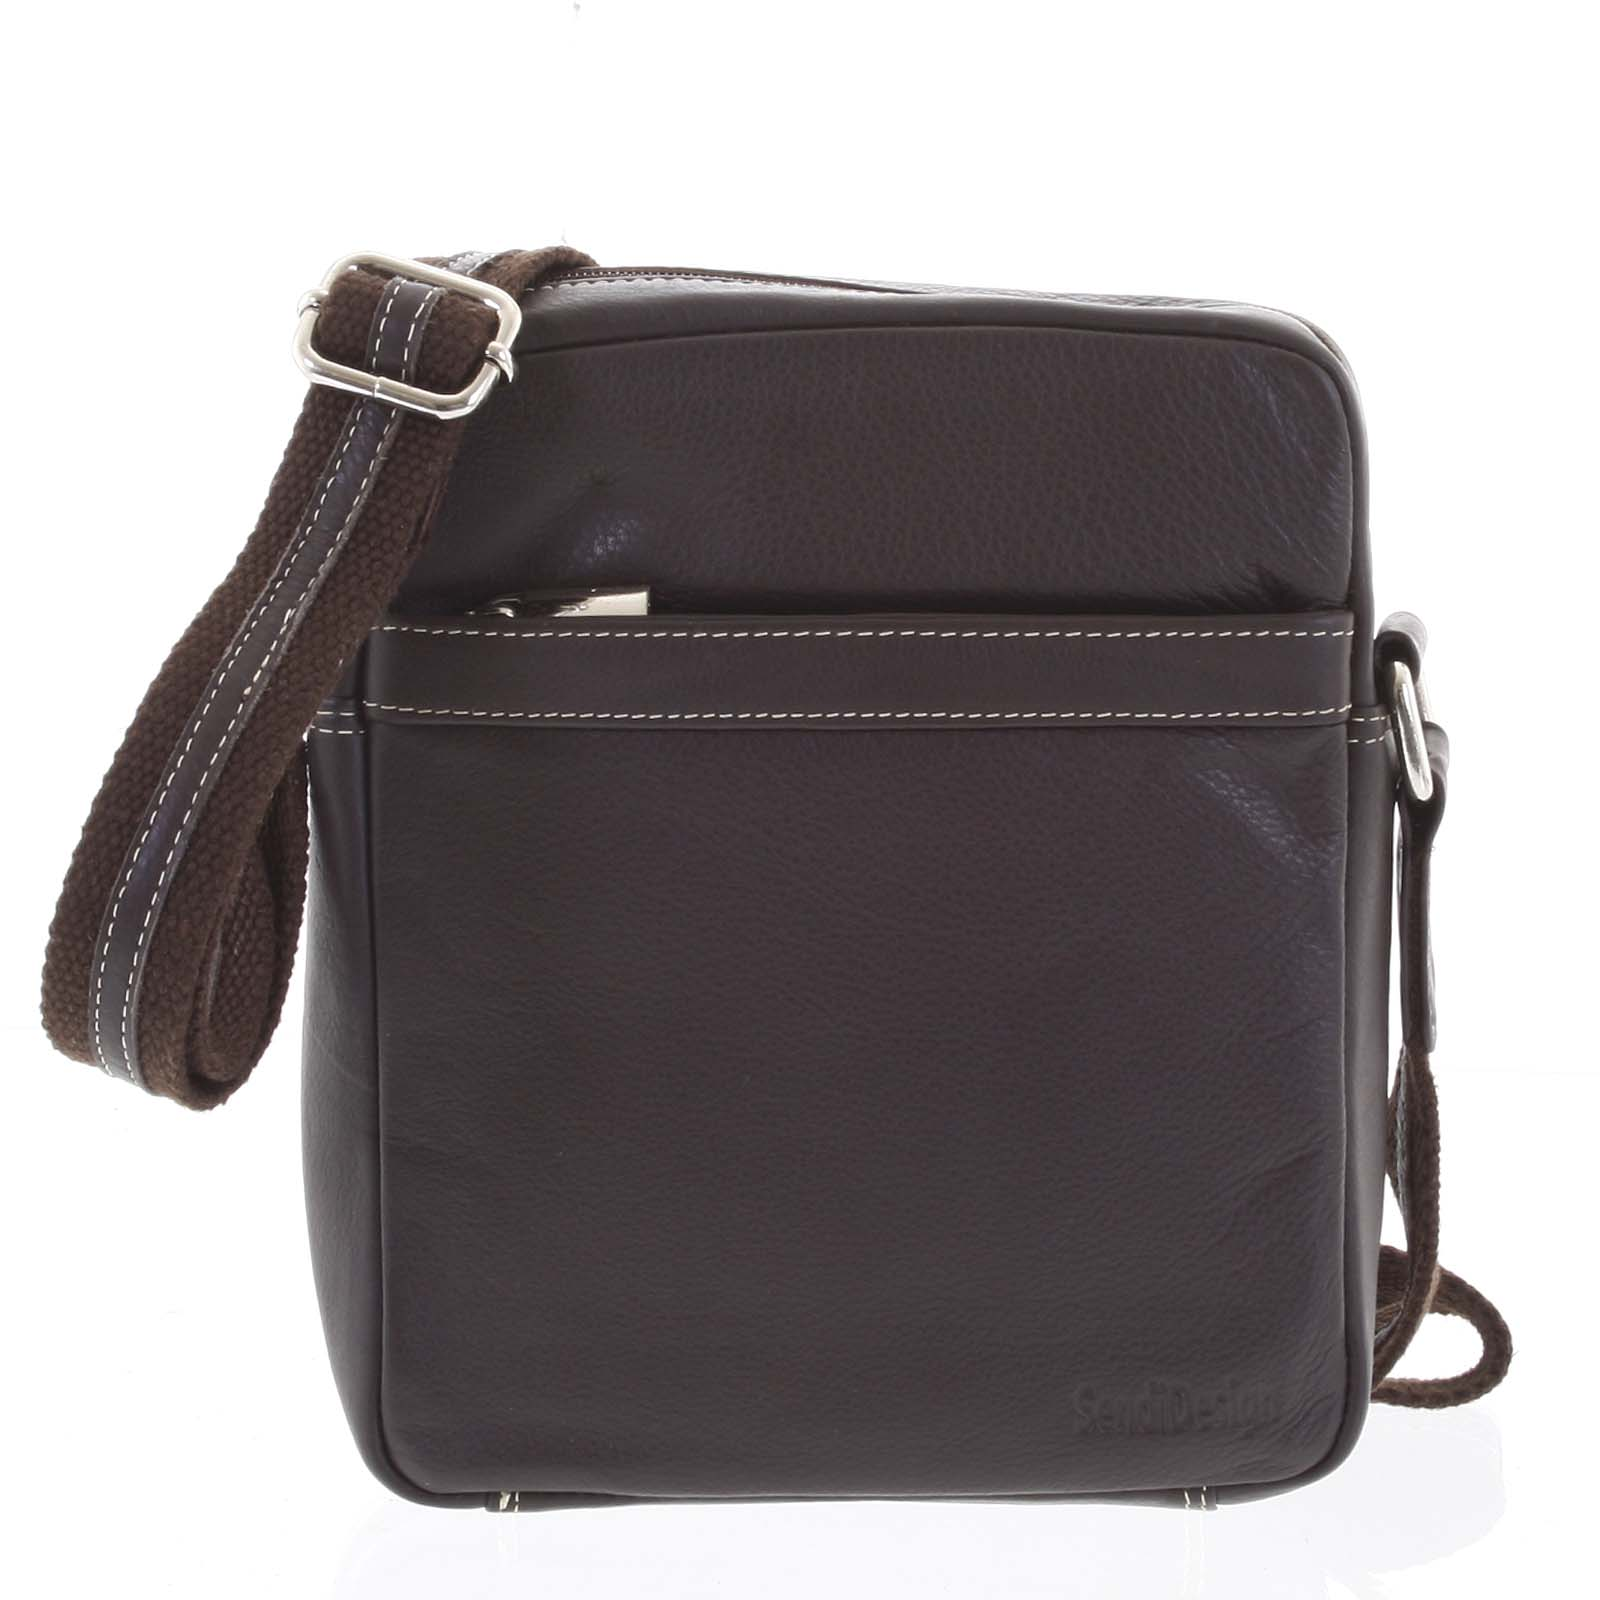 Luxusní hnědá kožená taška IG711